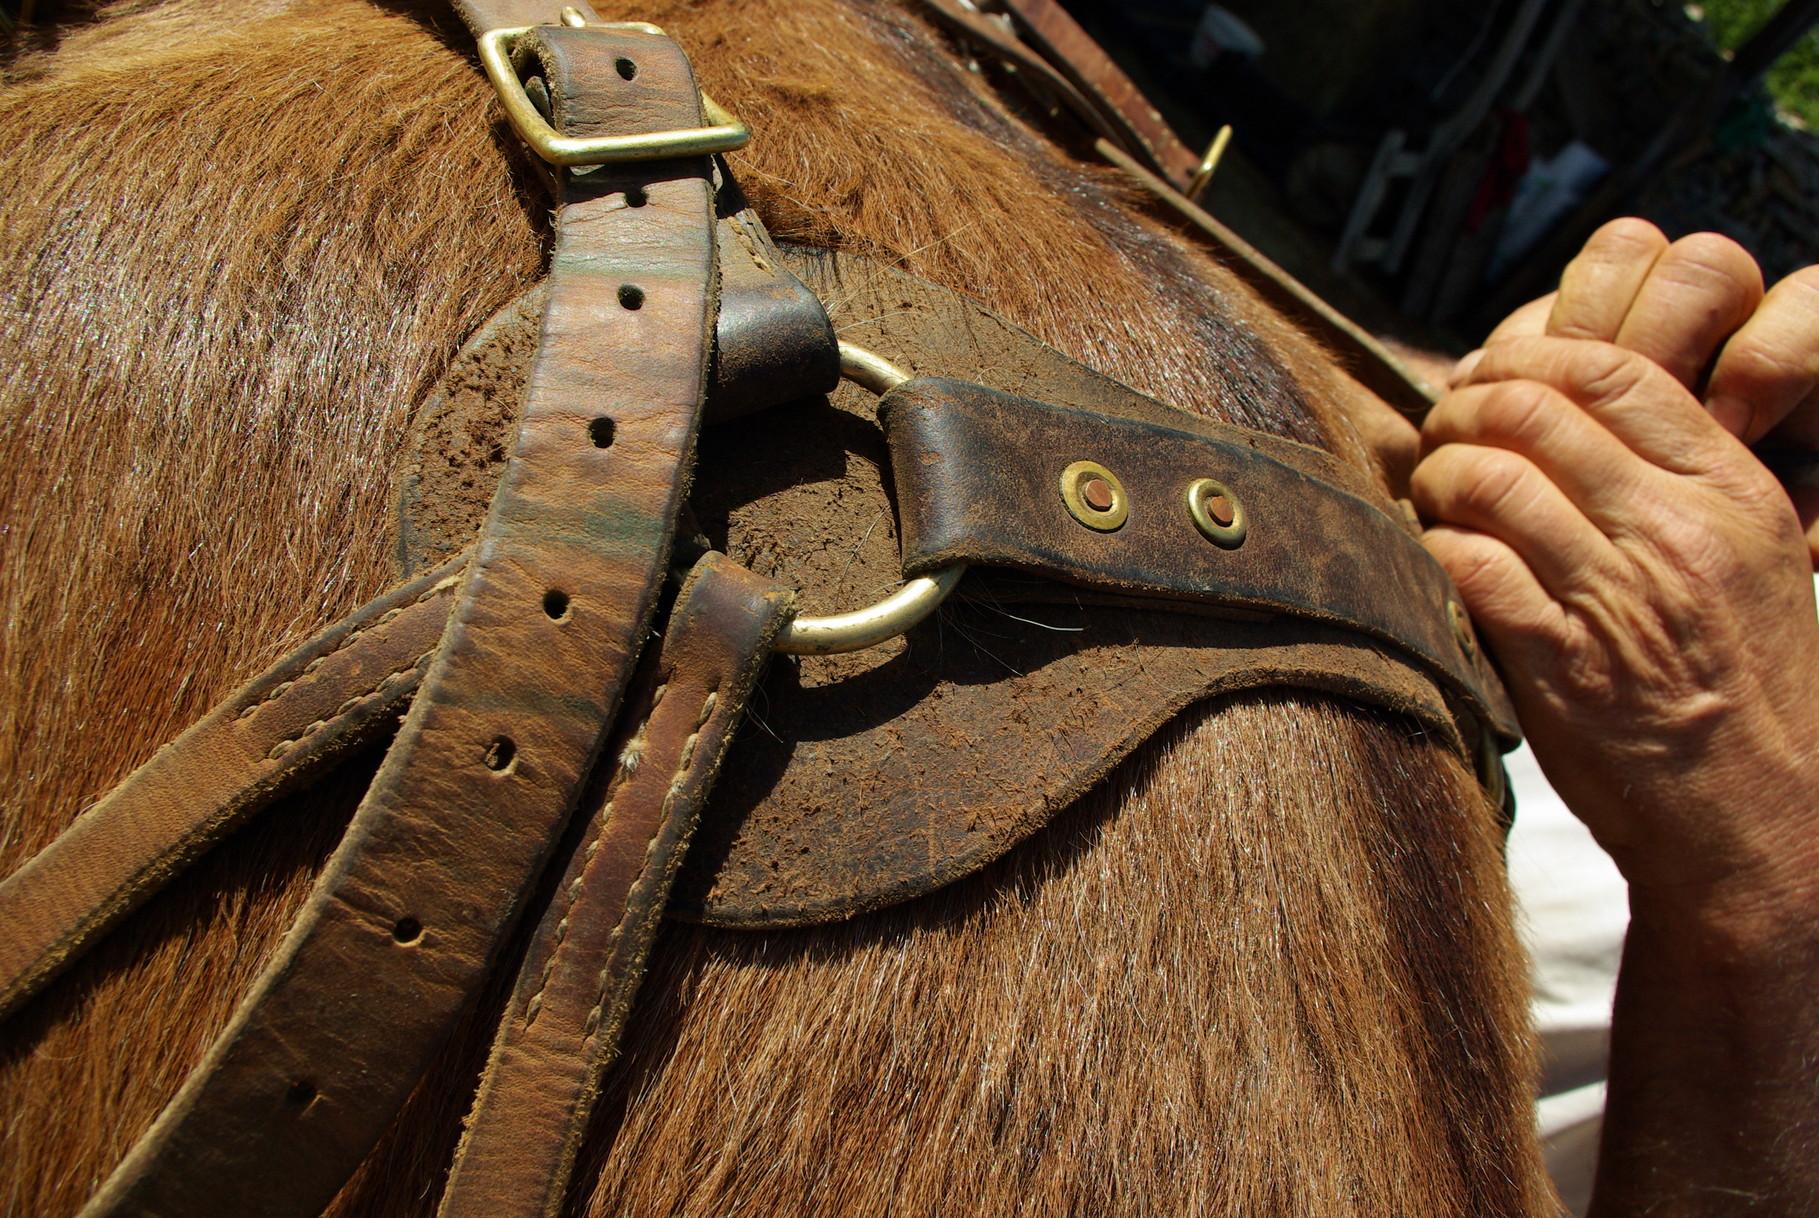 noter la bande de cuir protectrice sous l'anneau de l'avaloire